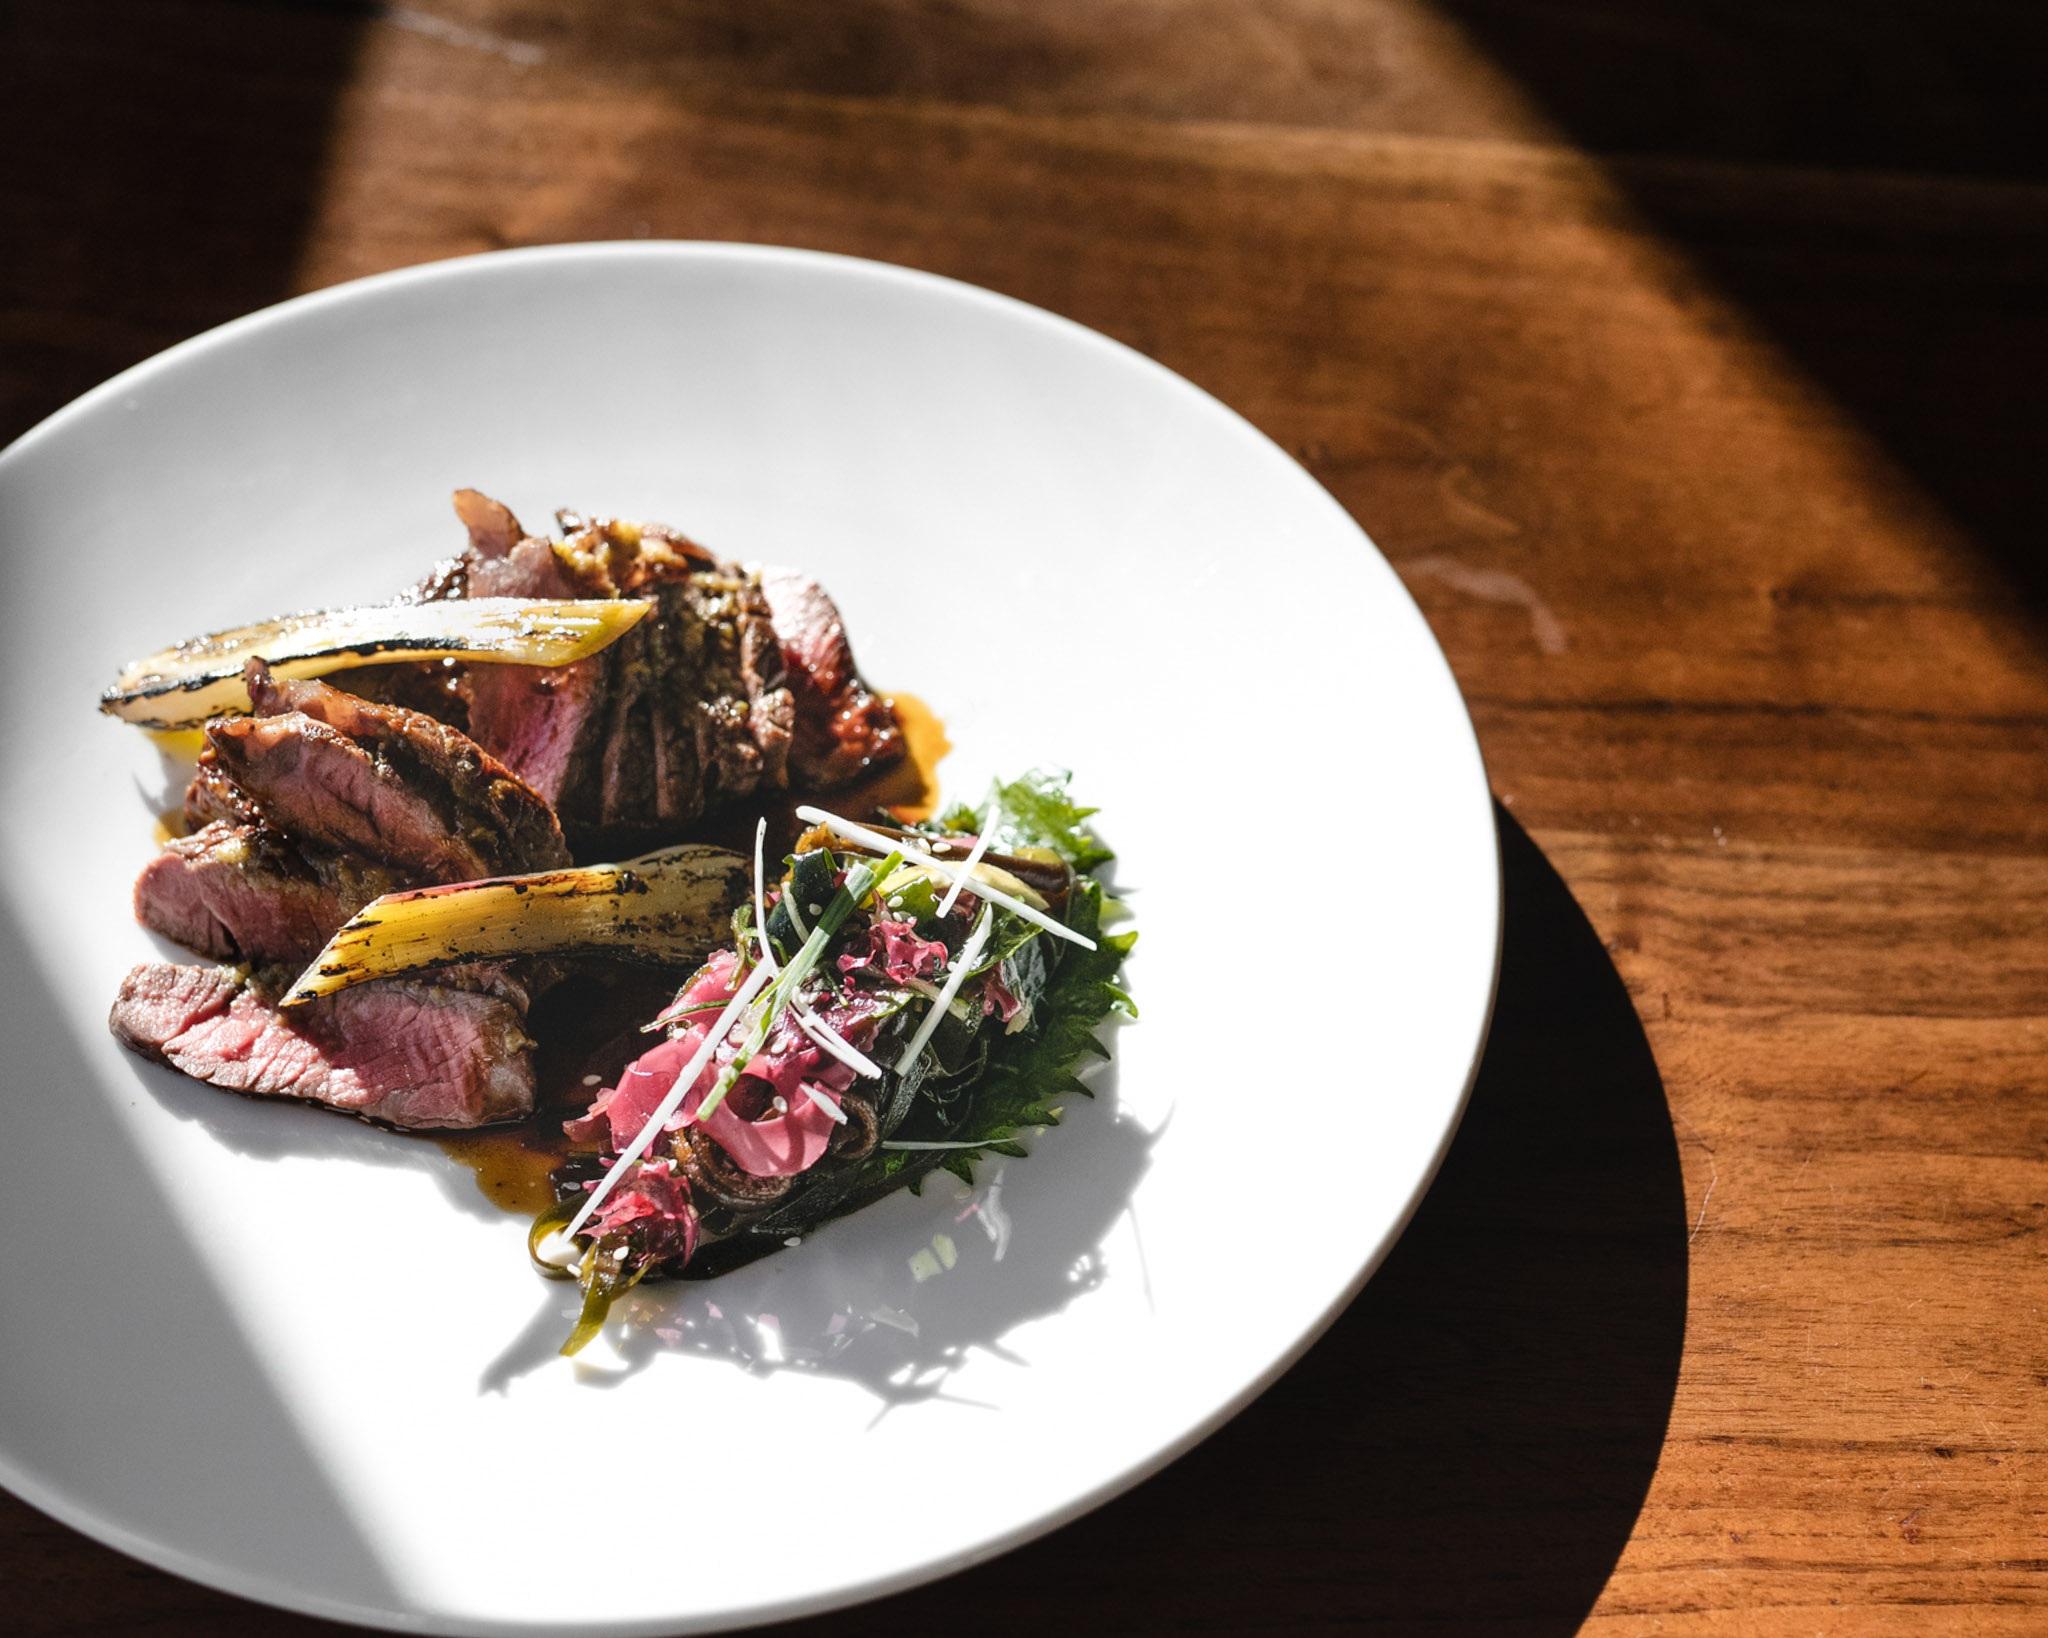 Beef+striploin+braised+cheeks1.jpg